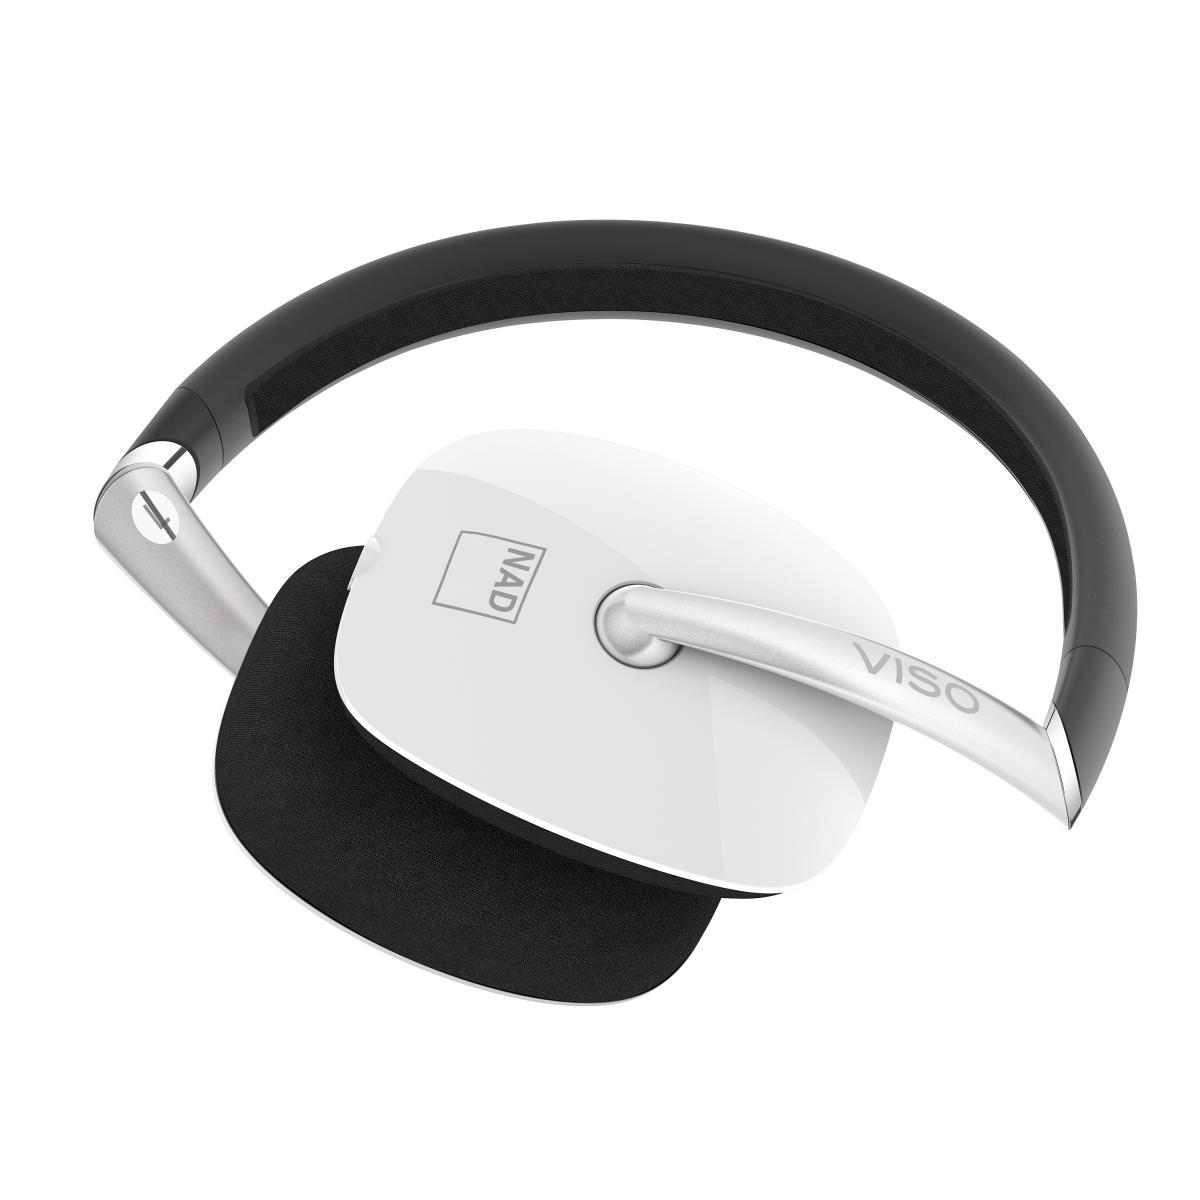 NAD Viso HP30 Headphones